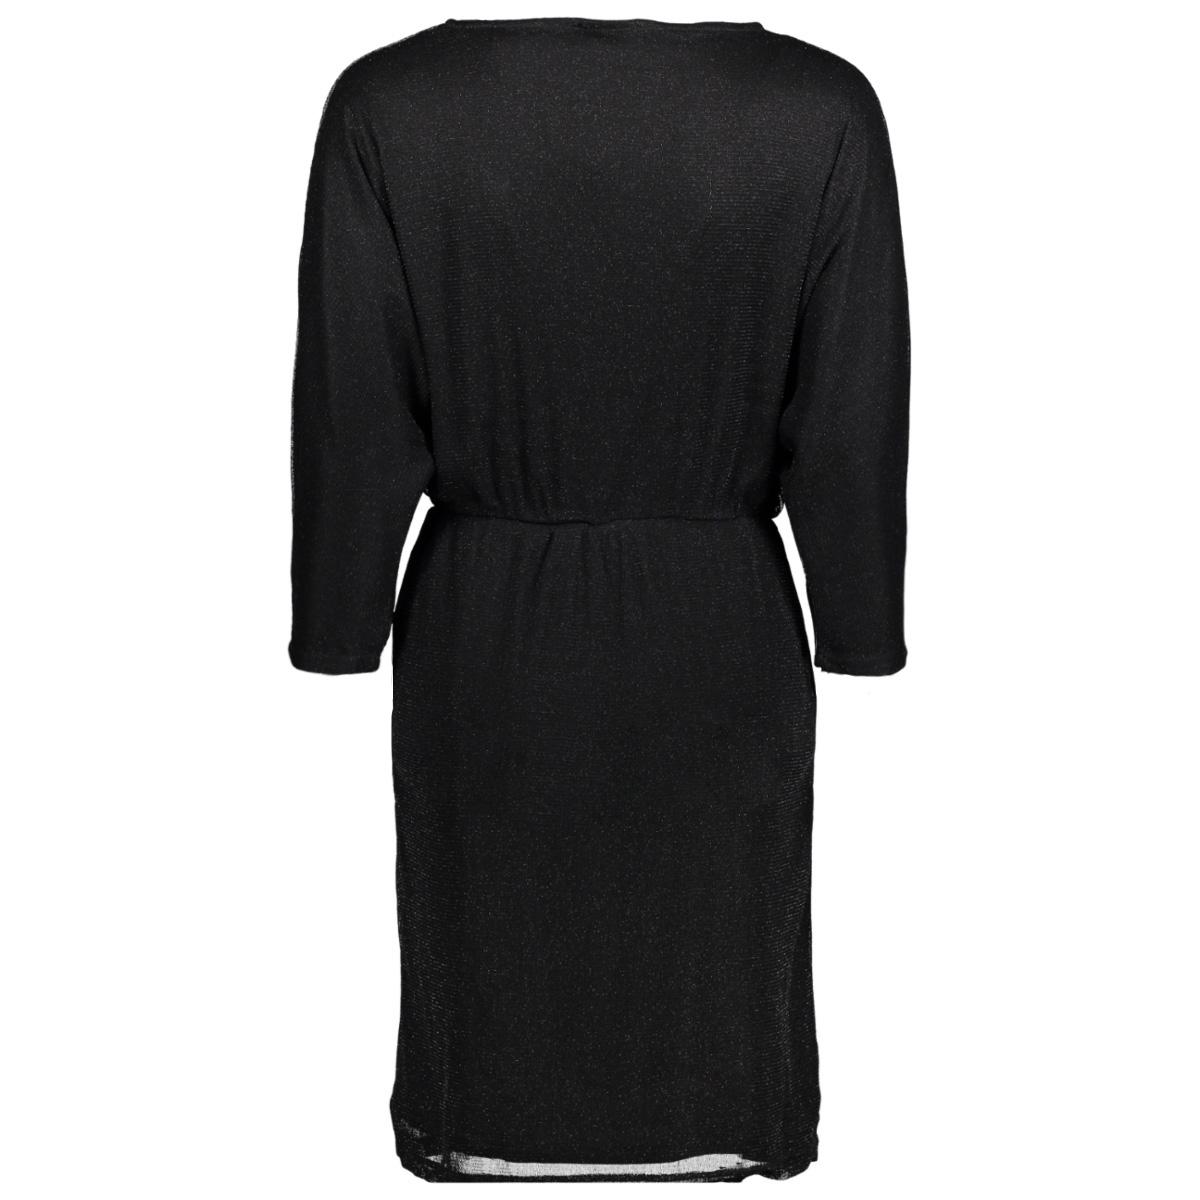 vilau 3/4 sleeve dress 14045415 vila jurk black/with black